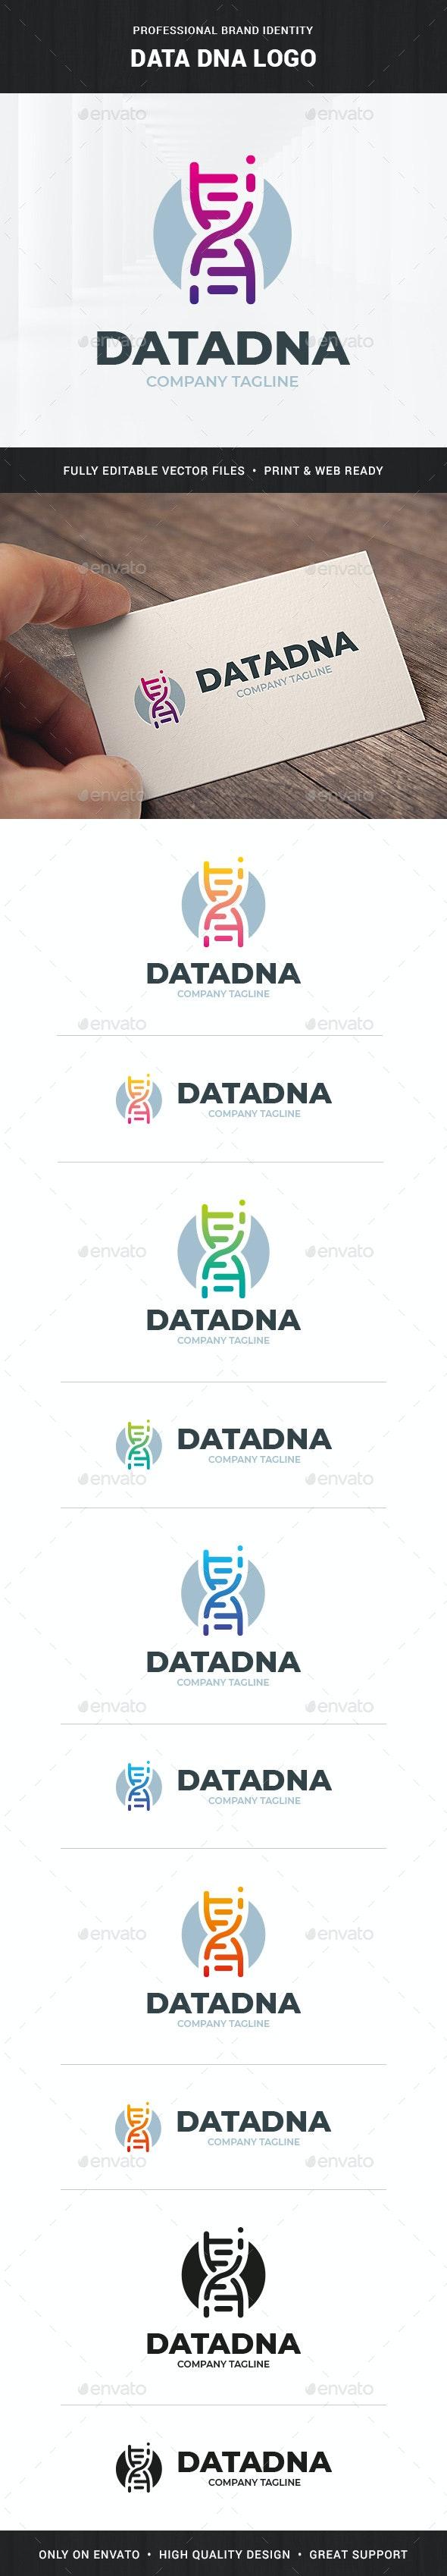 Data DNA Logo Template - Abstract Logo Templates